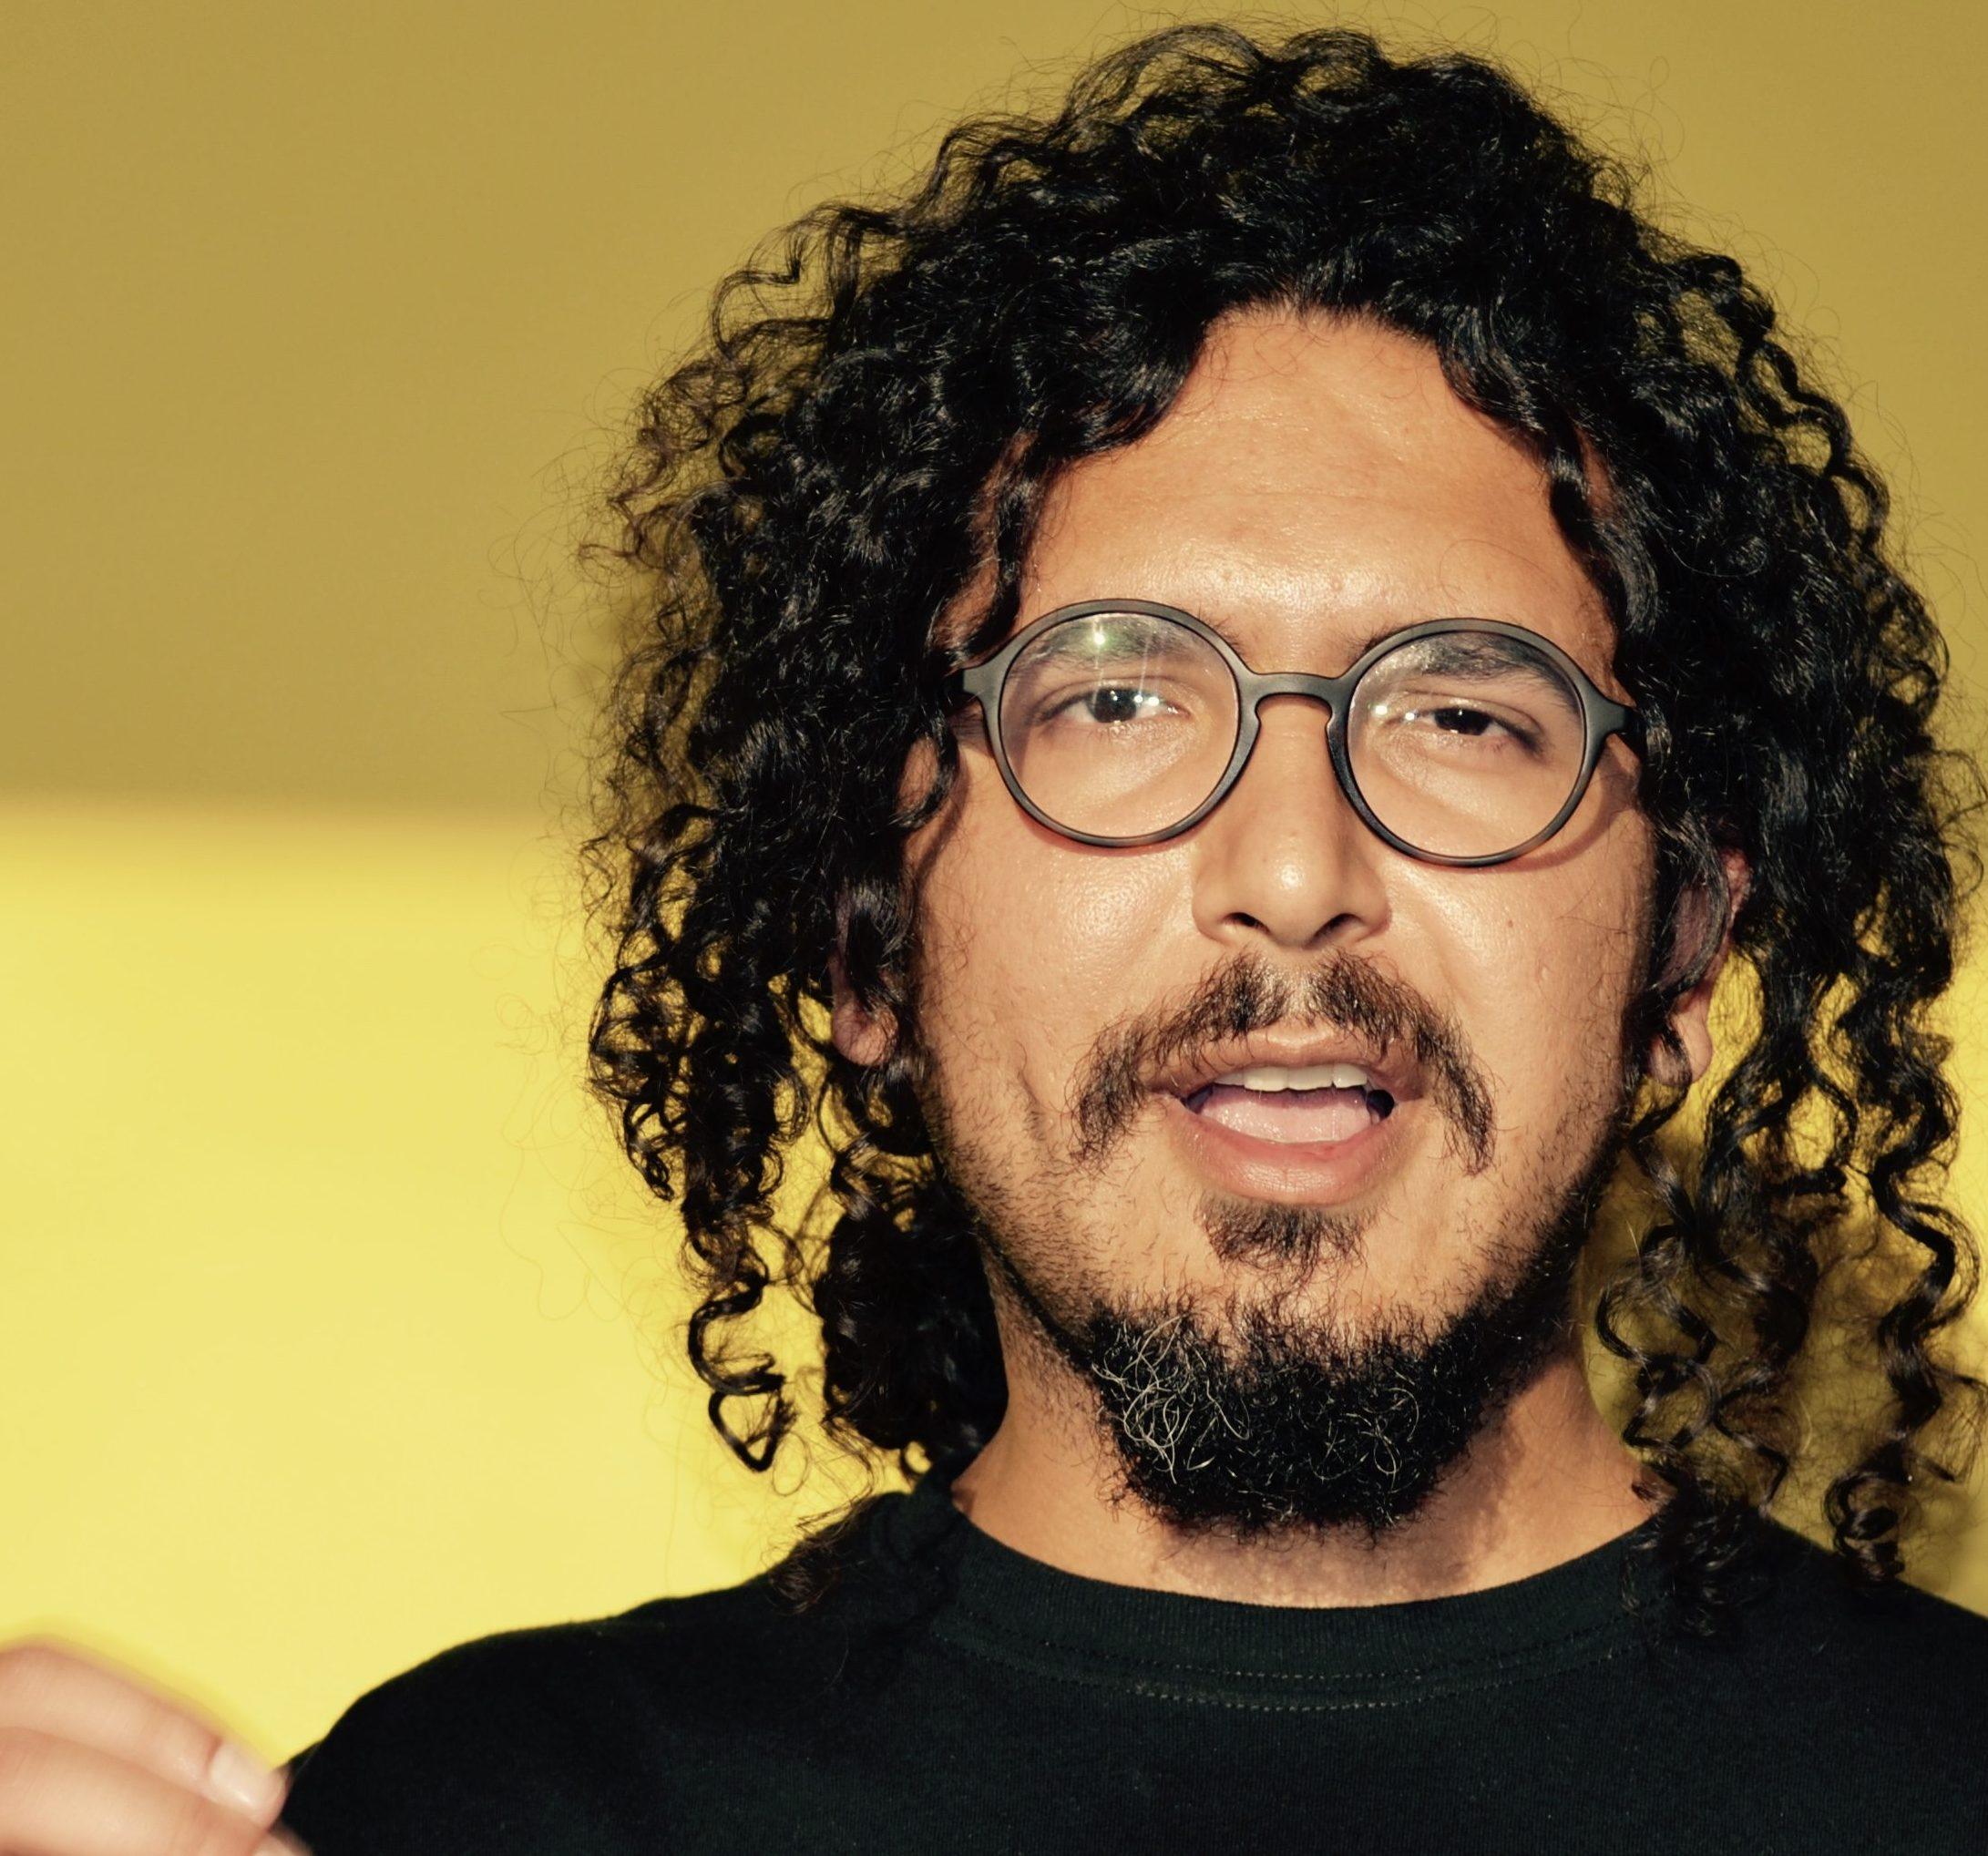 Luis Othoniel Rosa